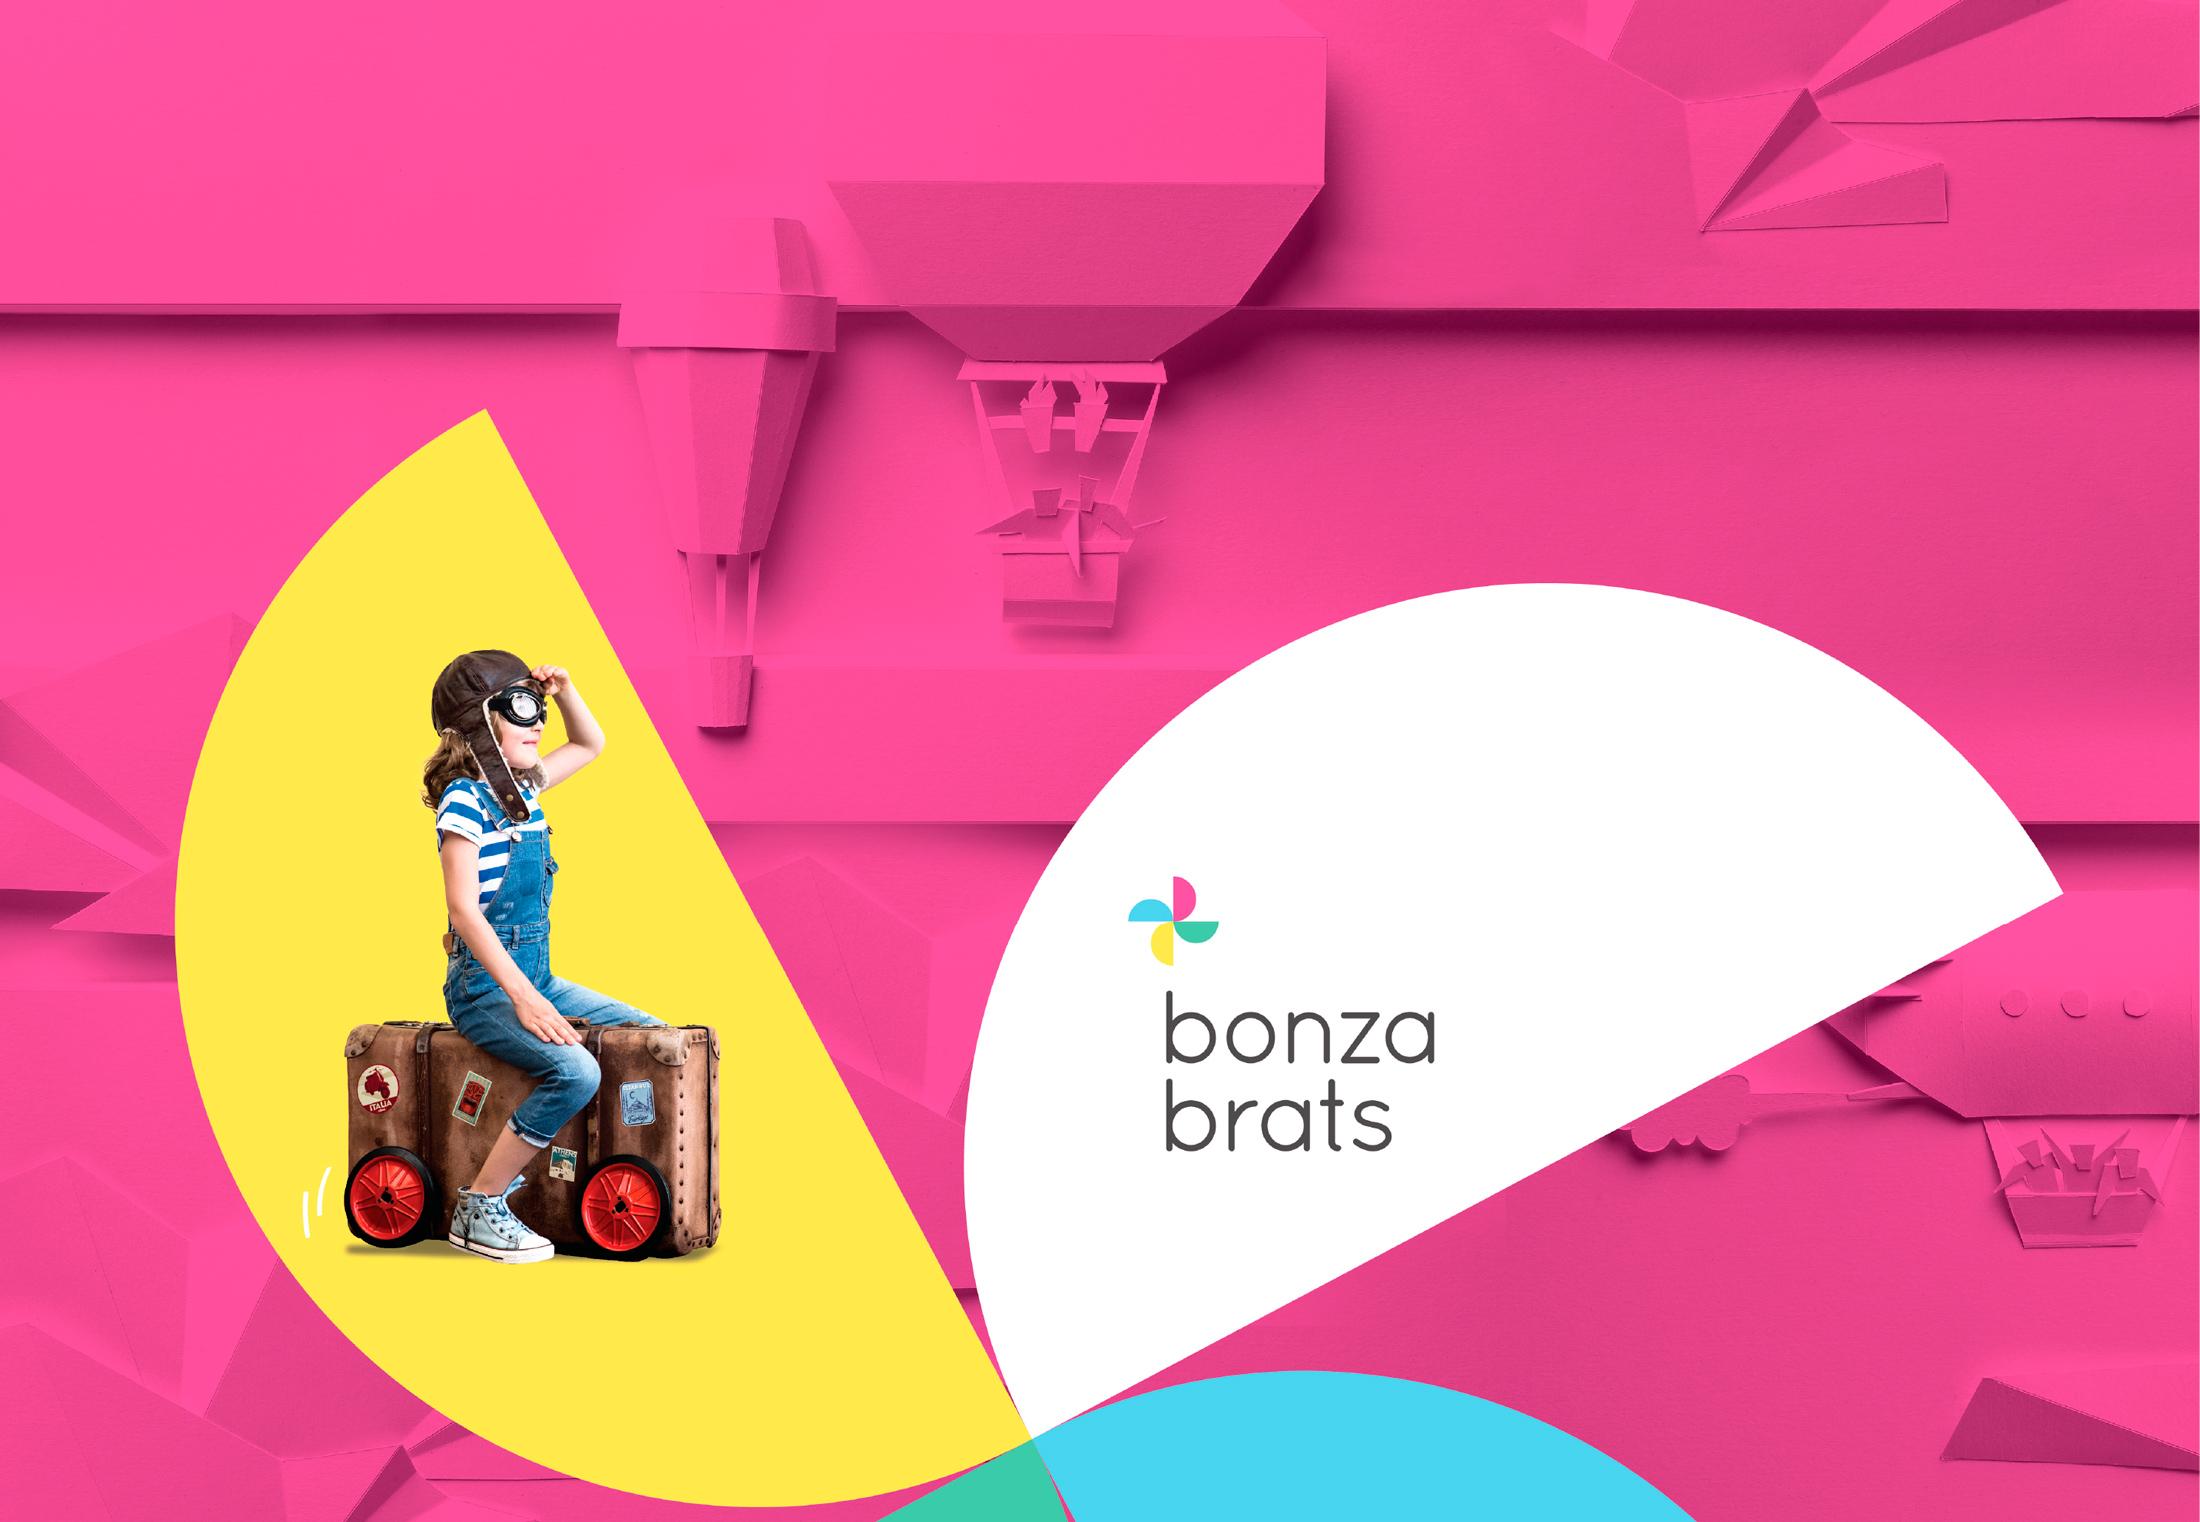 bonza-brats-bondi-retail-shop-brand-design-10